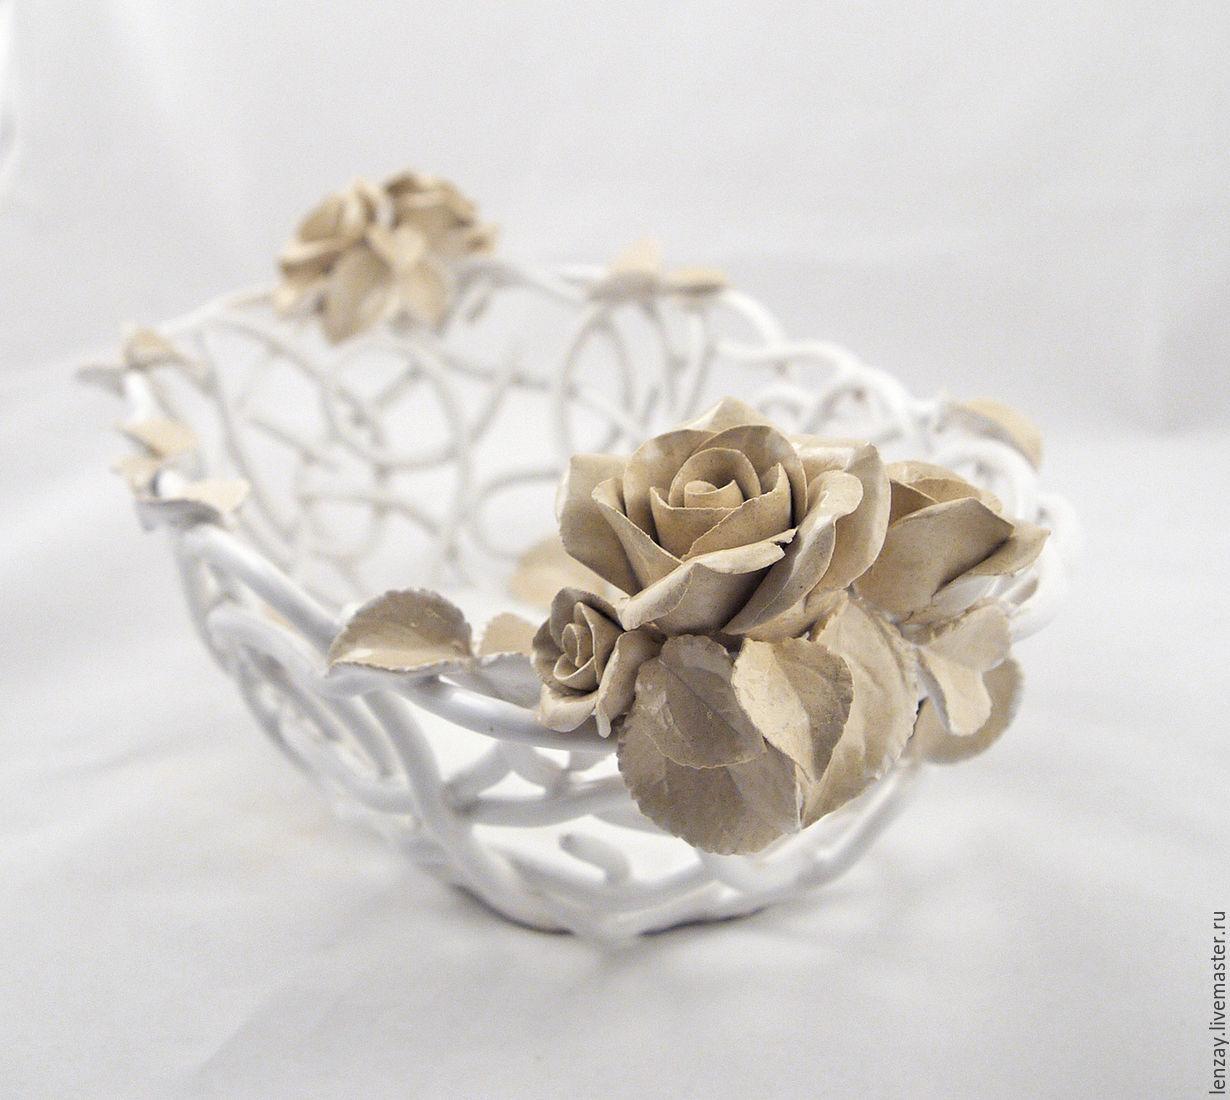 The handmade `Shabby Chic` oval. Braided ceramic and ceramic flowers Elena Zaichenko